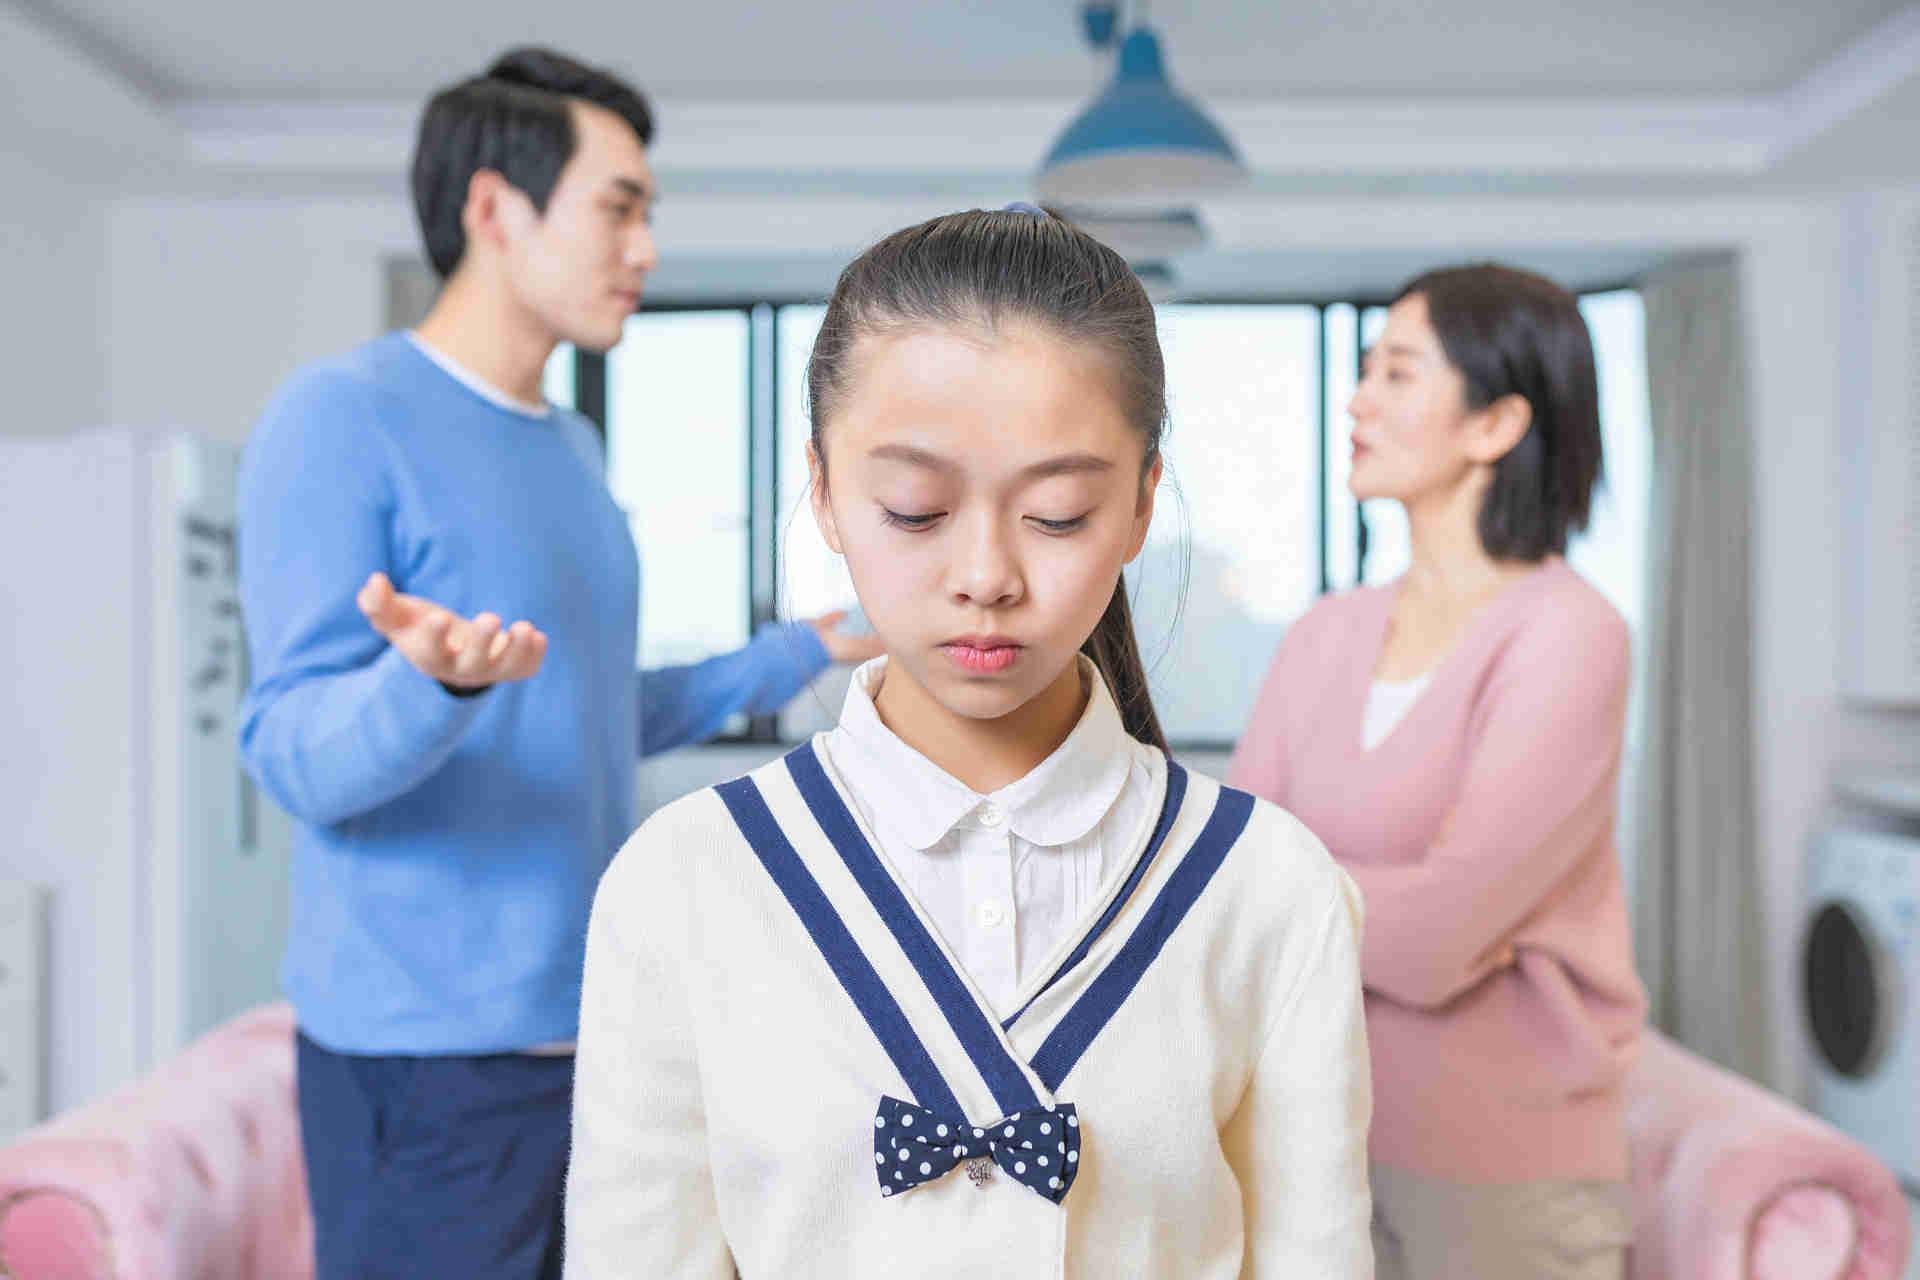 厦门幼儿注意力提升培训机构多少钱